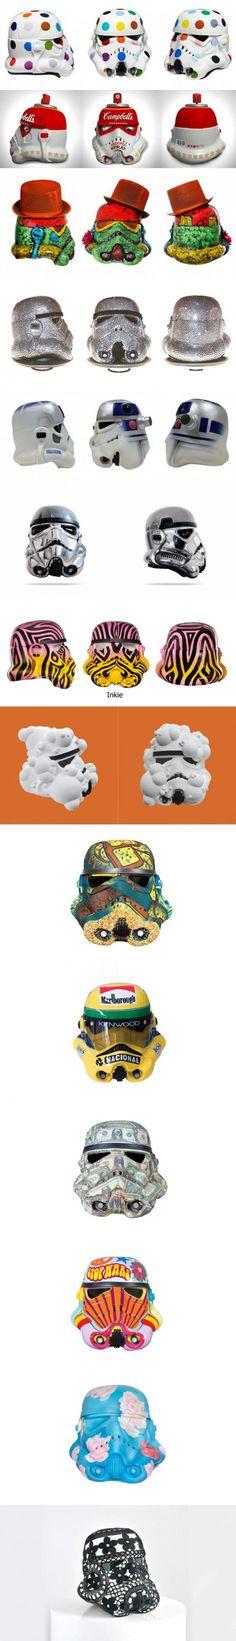 14 Amazing repaint stormtroopers helmet